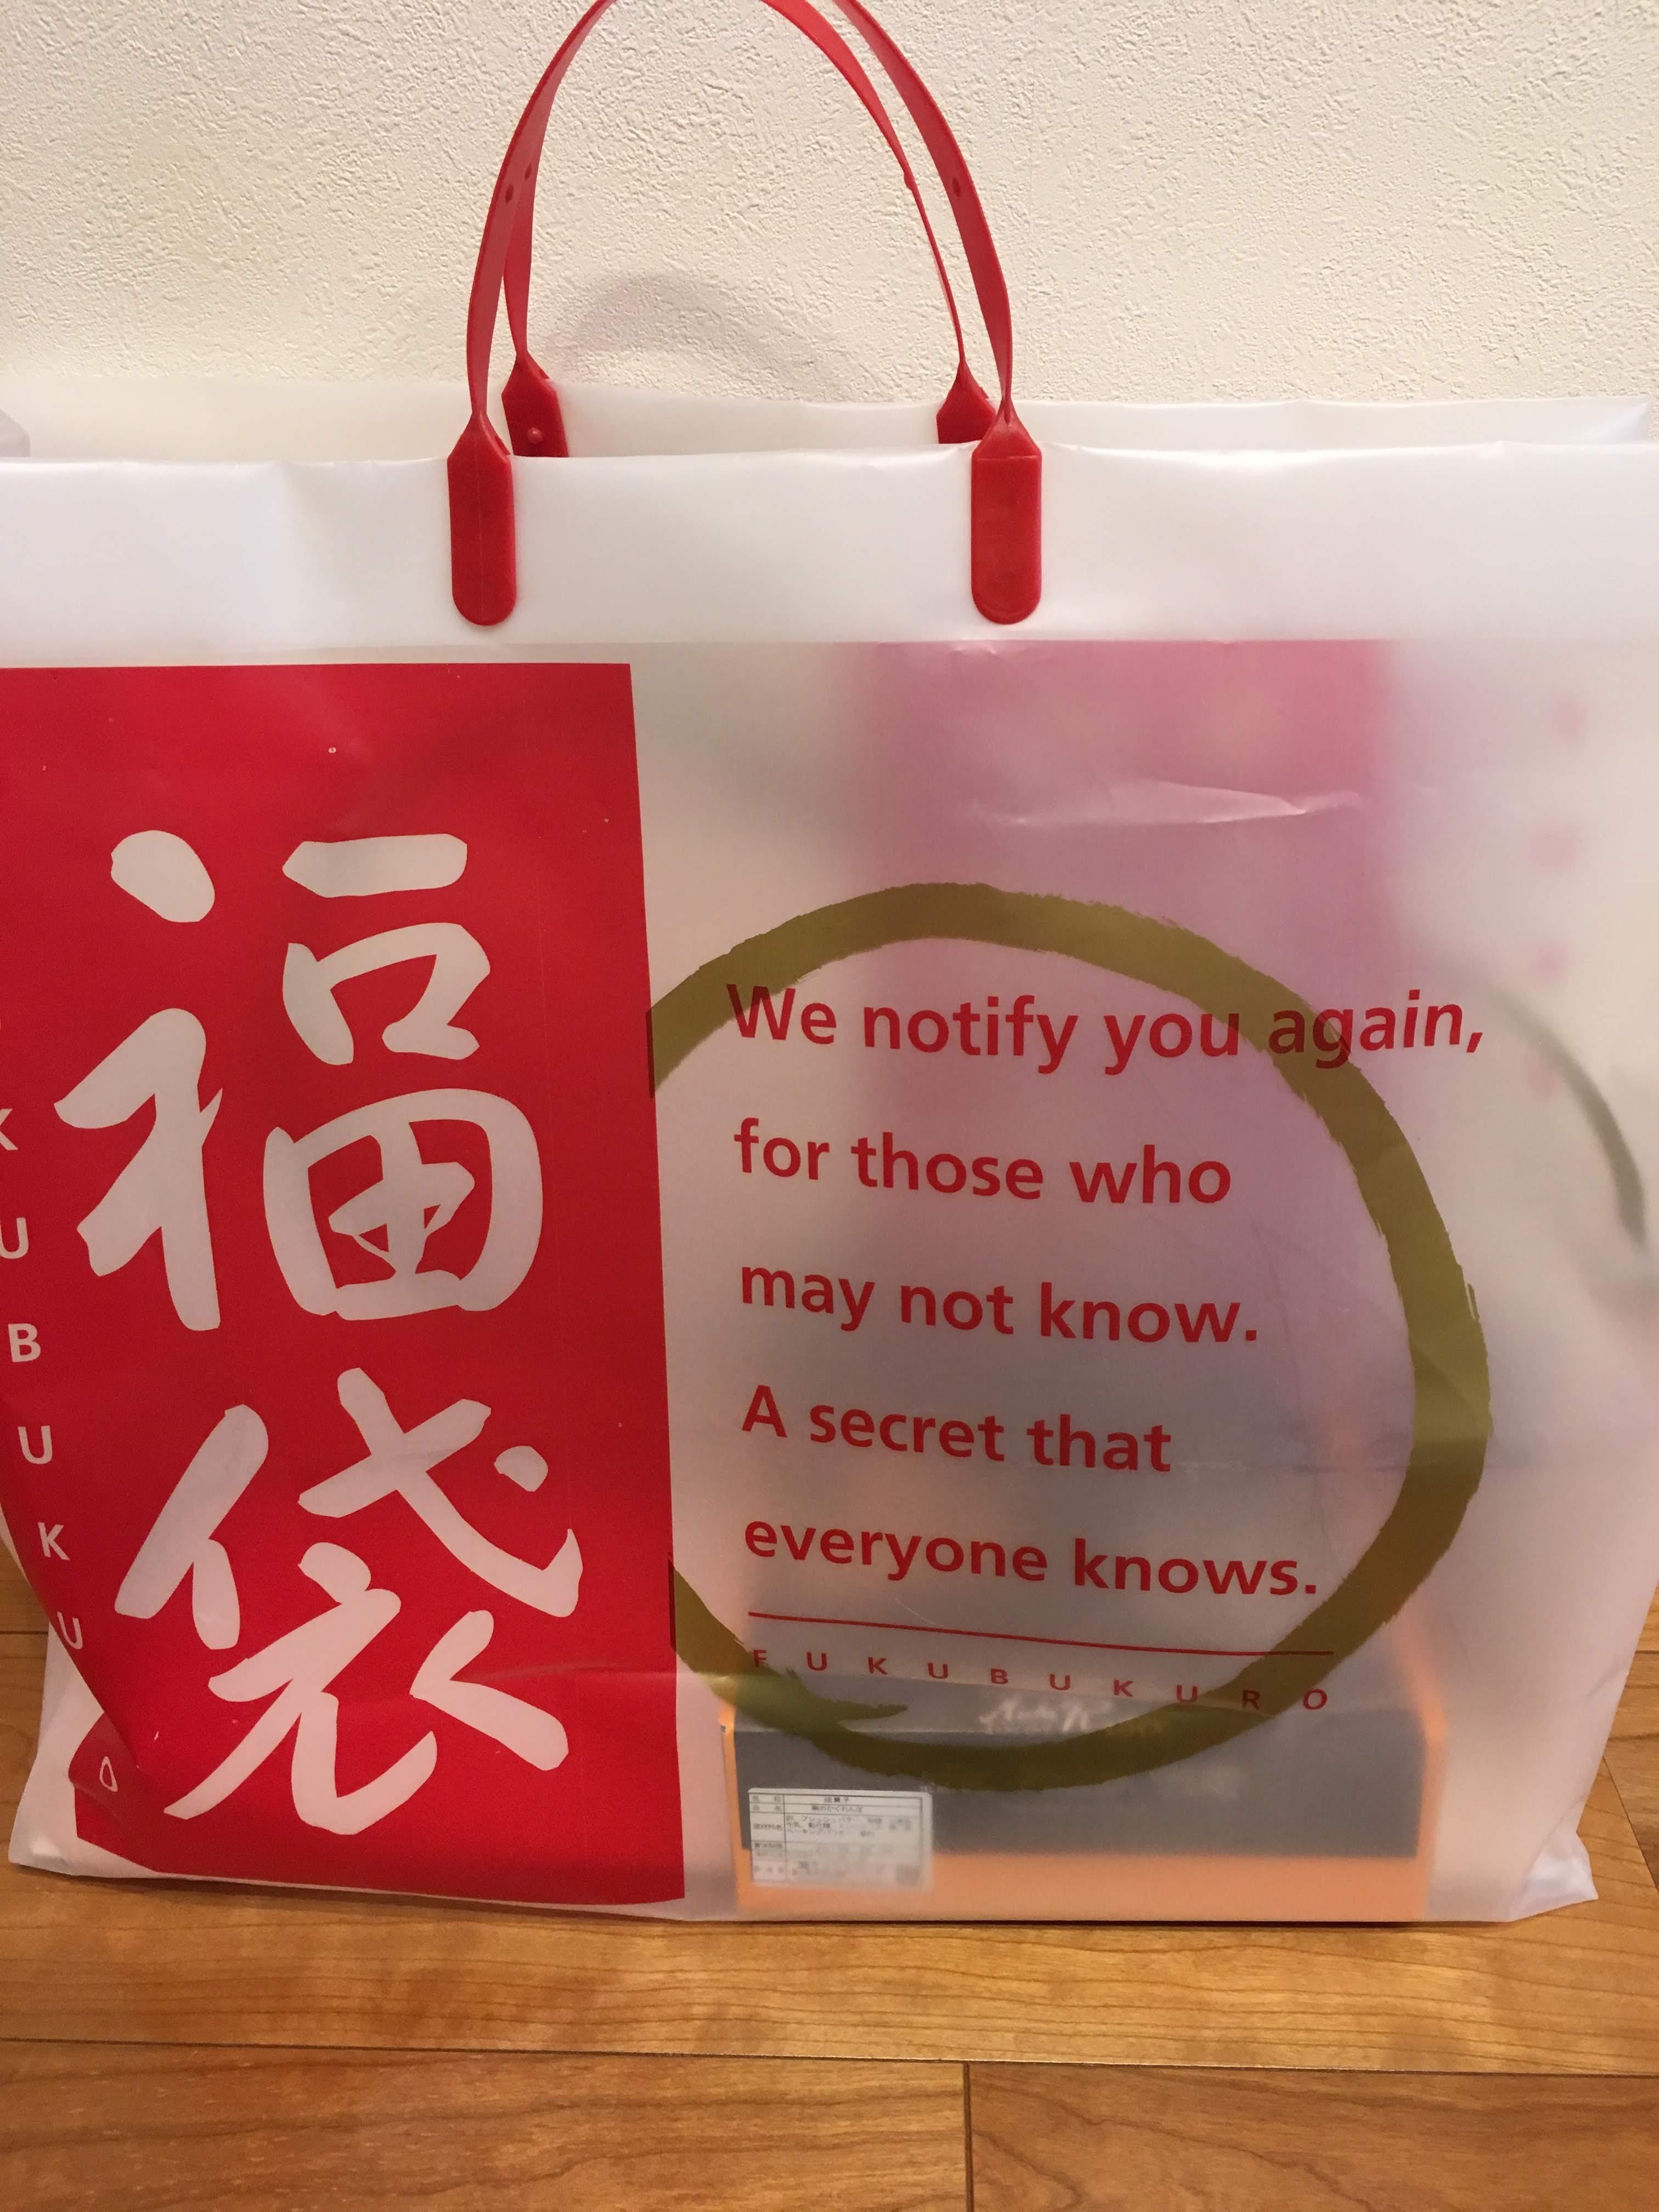 高岡イオンの福袋「ミッシュローゼ」と「丸亀製麺」の中身を公開!2019